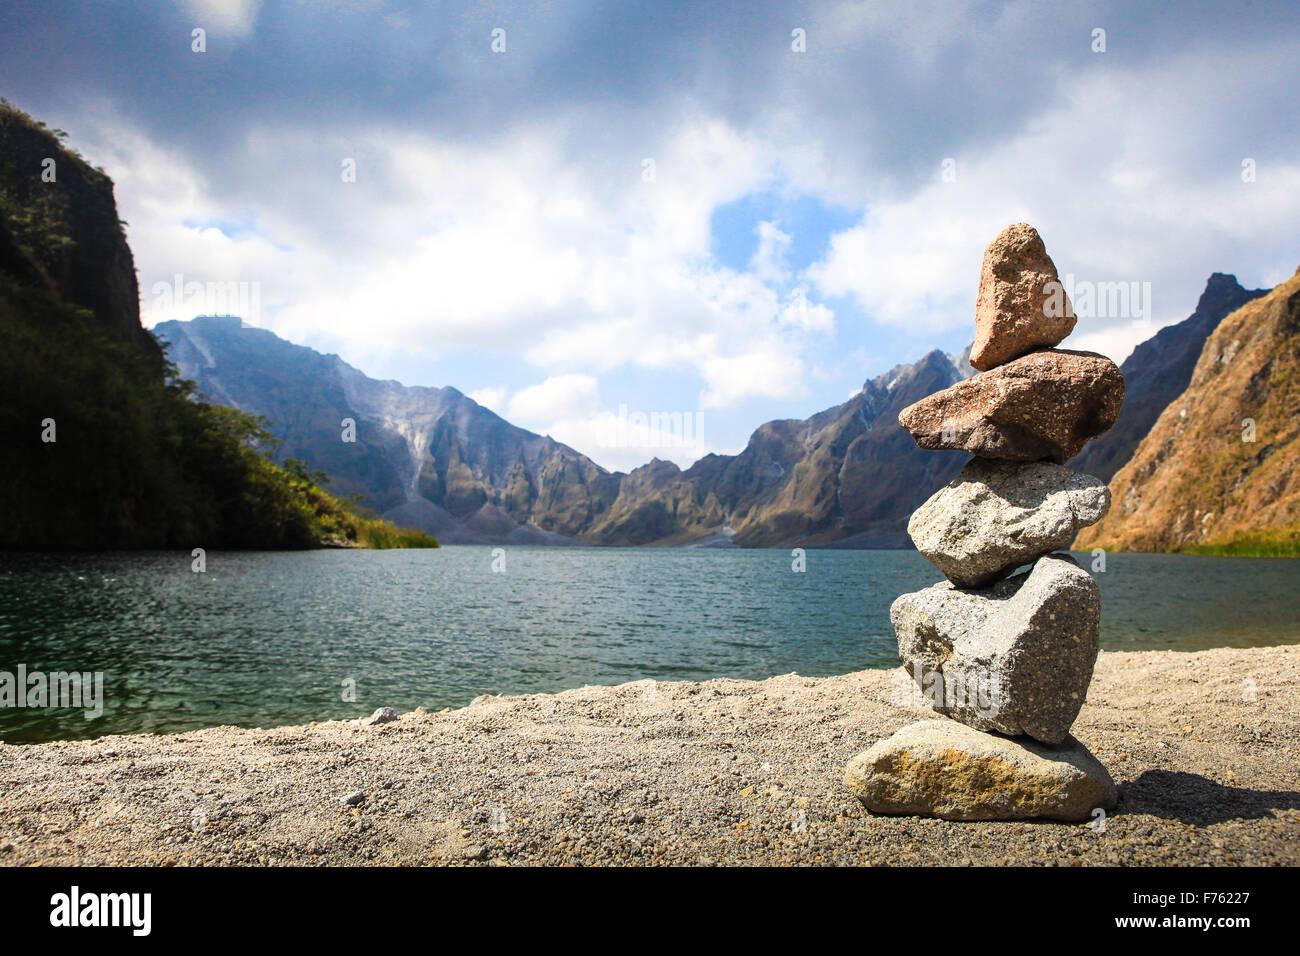 Steinhaufen neben am See. Konzept der Balance und Harmonie. Stockbild